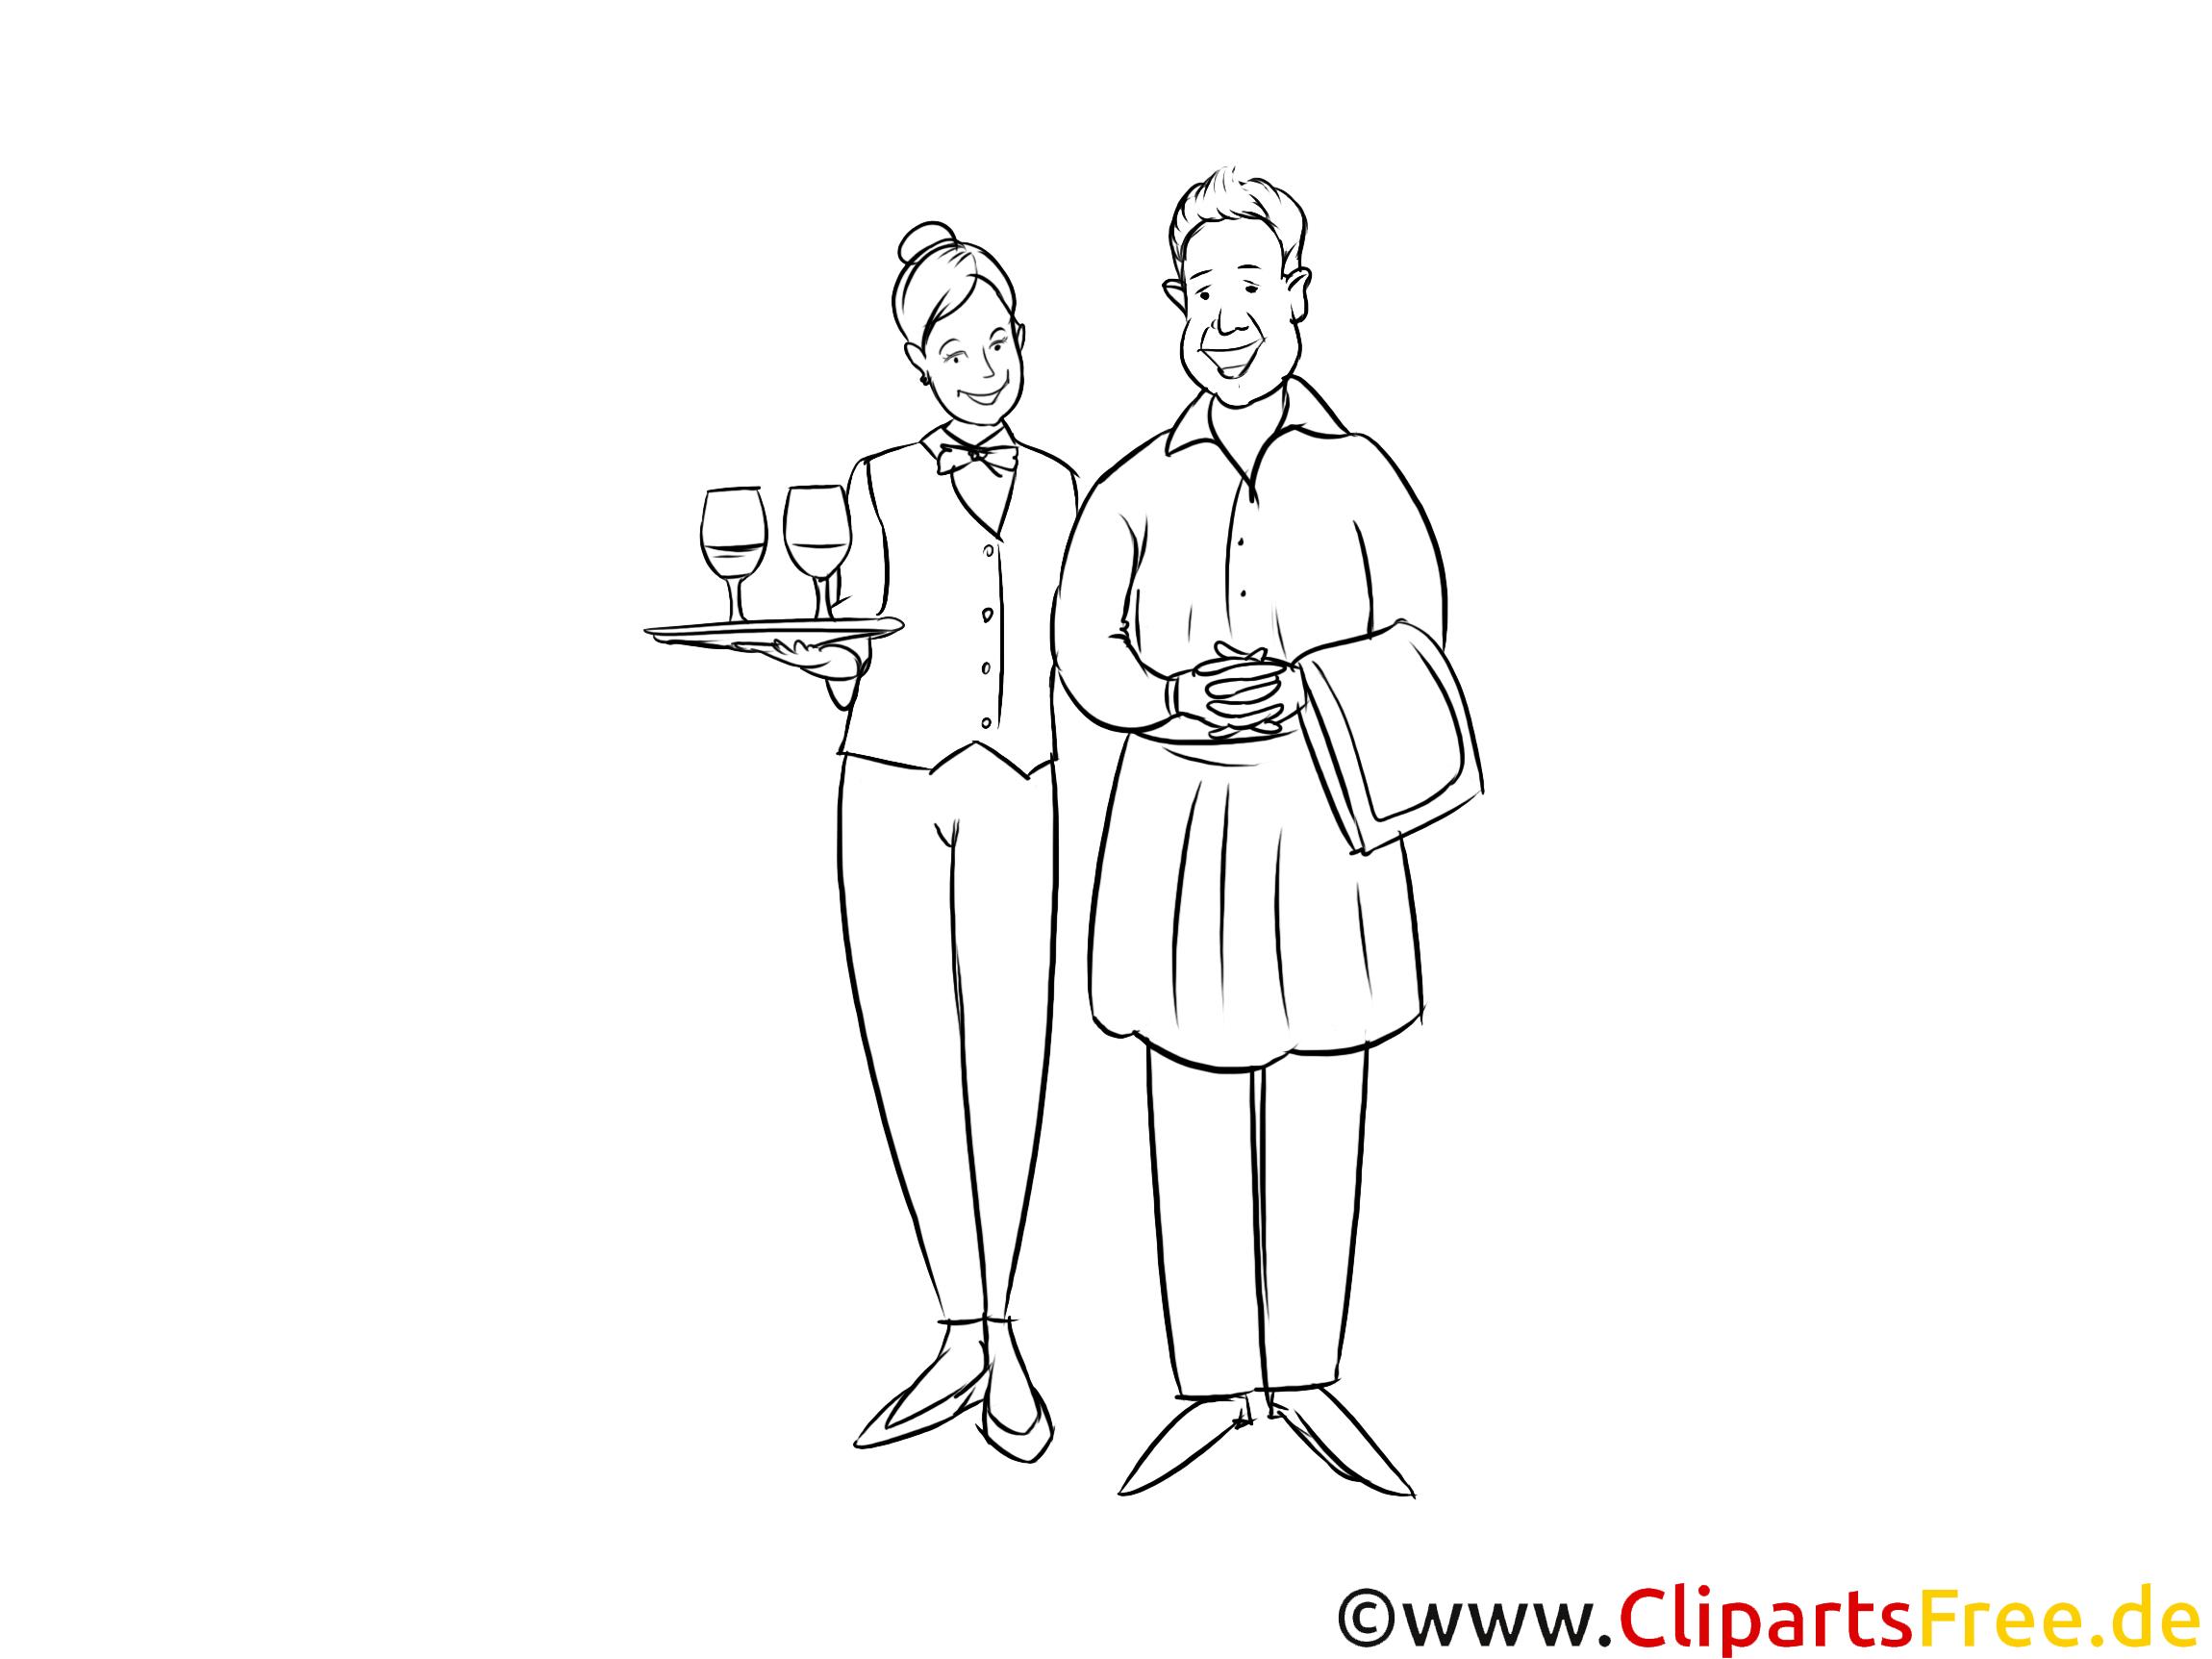 Fachkraft im Gastgewerbe Ausbildungsberuf schwarz-weiße Strichzeichnung